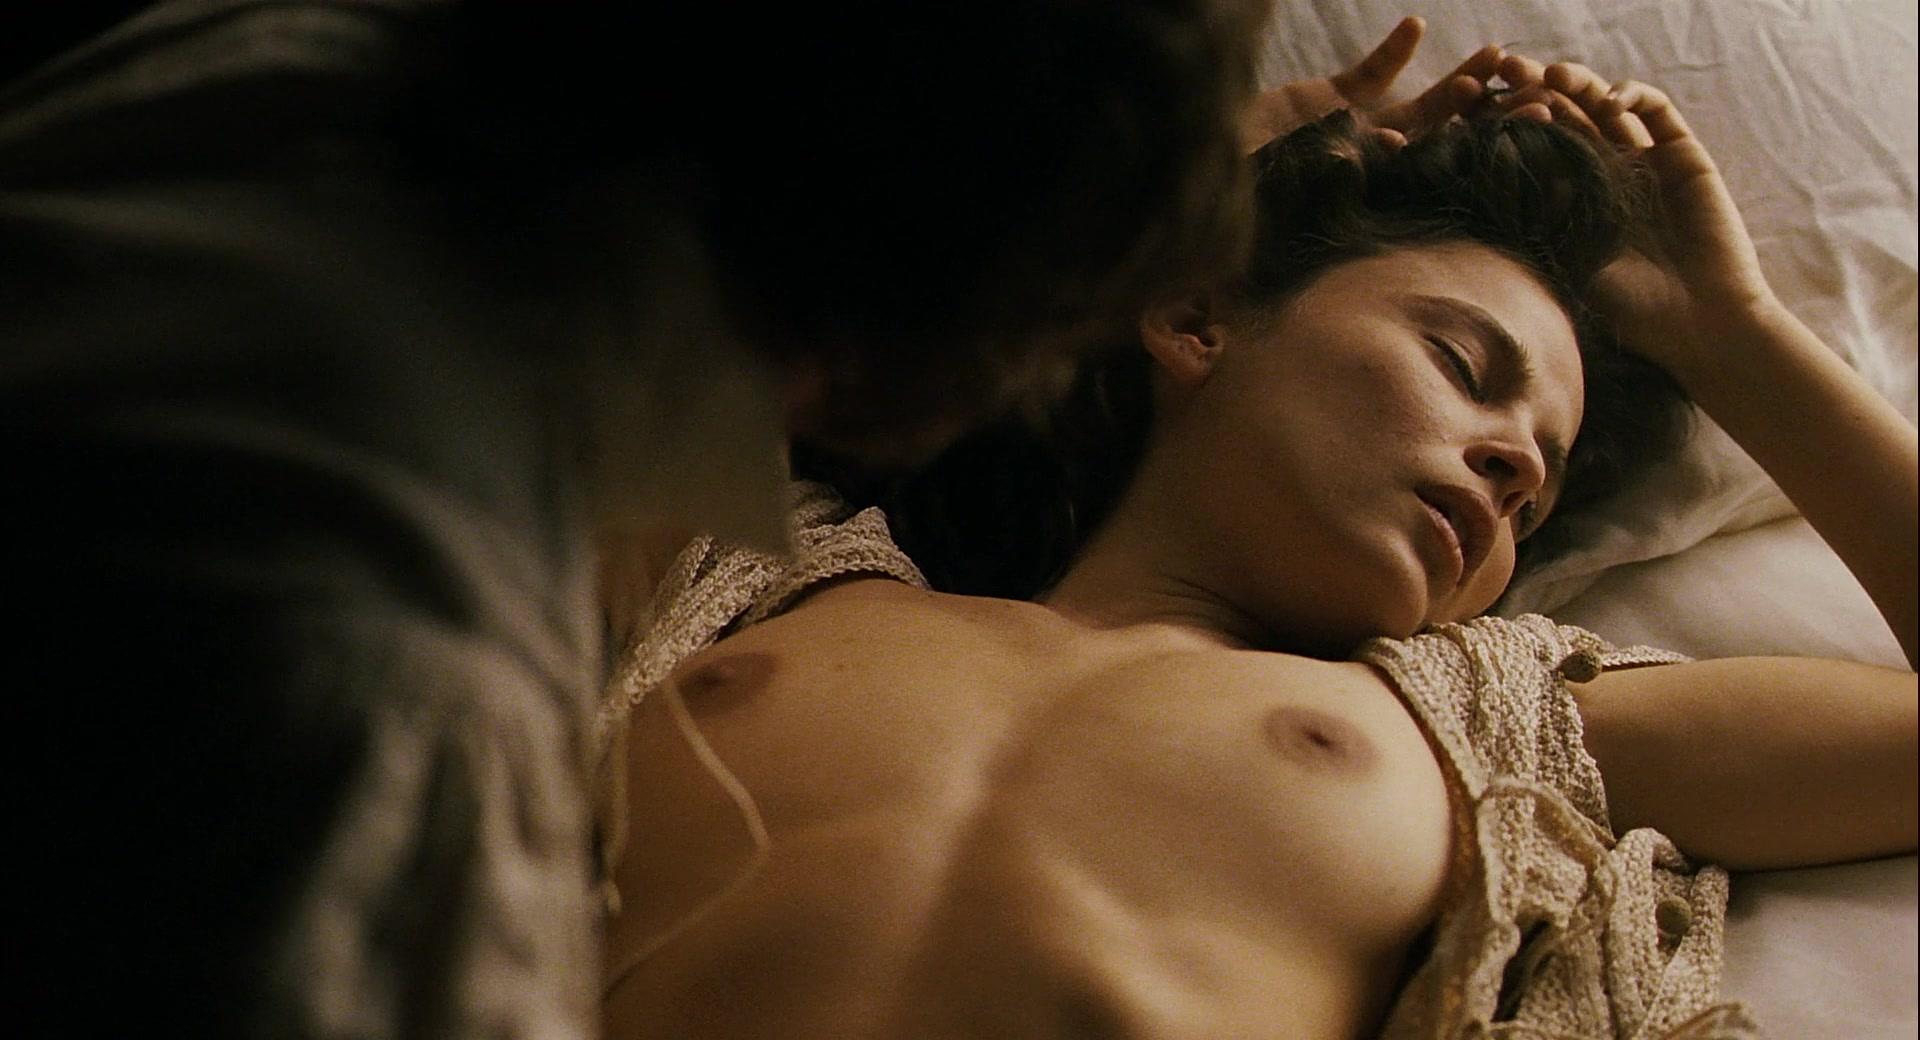 Naked anaya elena nude